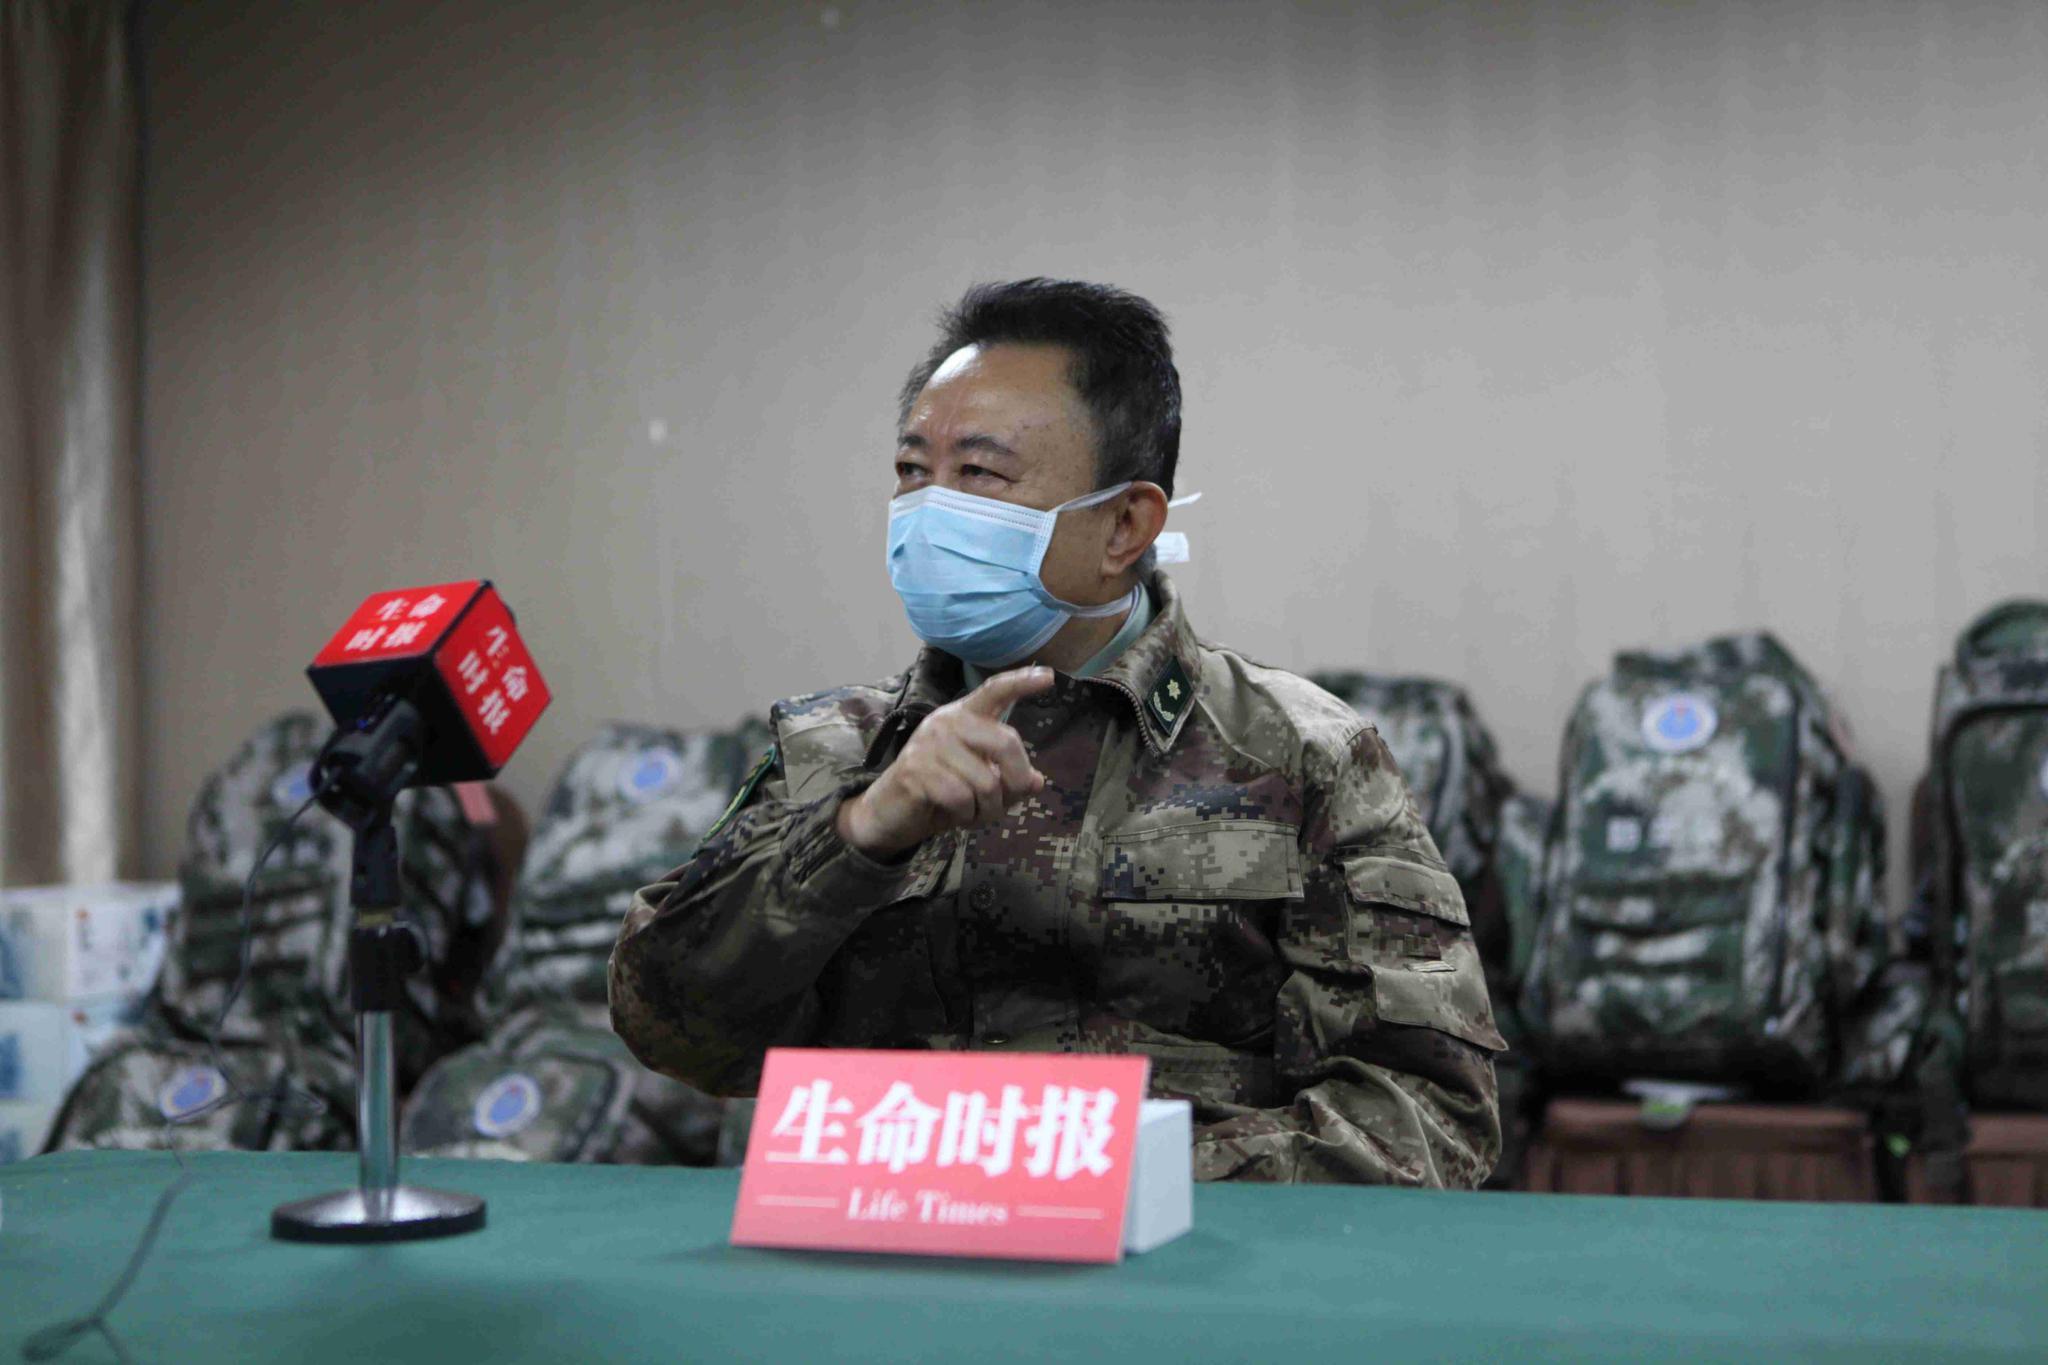 新冠病毒传染力何时减弱?呼吸病专家刘又宁回应图片